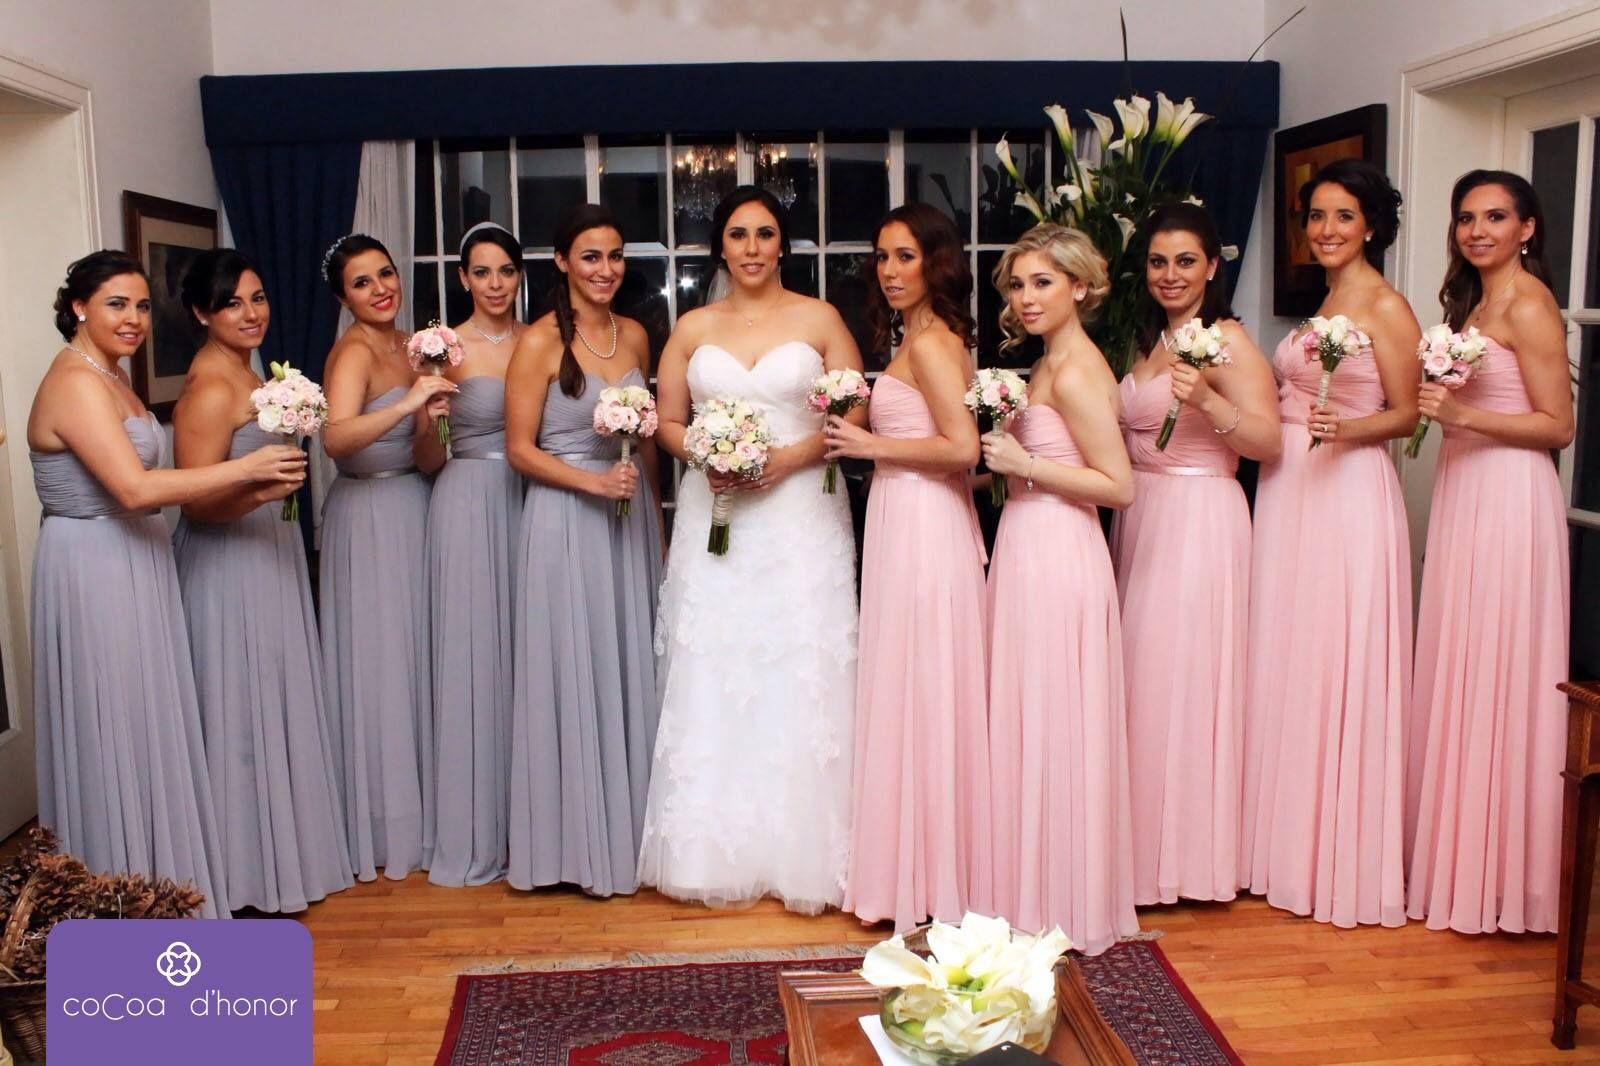 Plata y #PalodeRosa #Damasdehonor #amor #Vestidos #Sueños #Felicidad ...